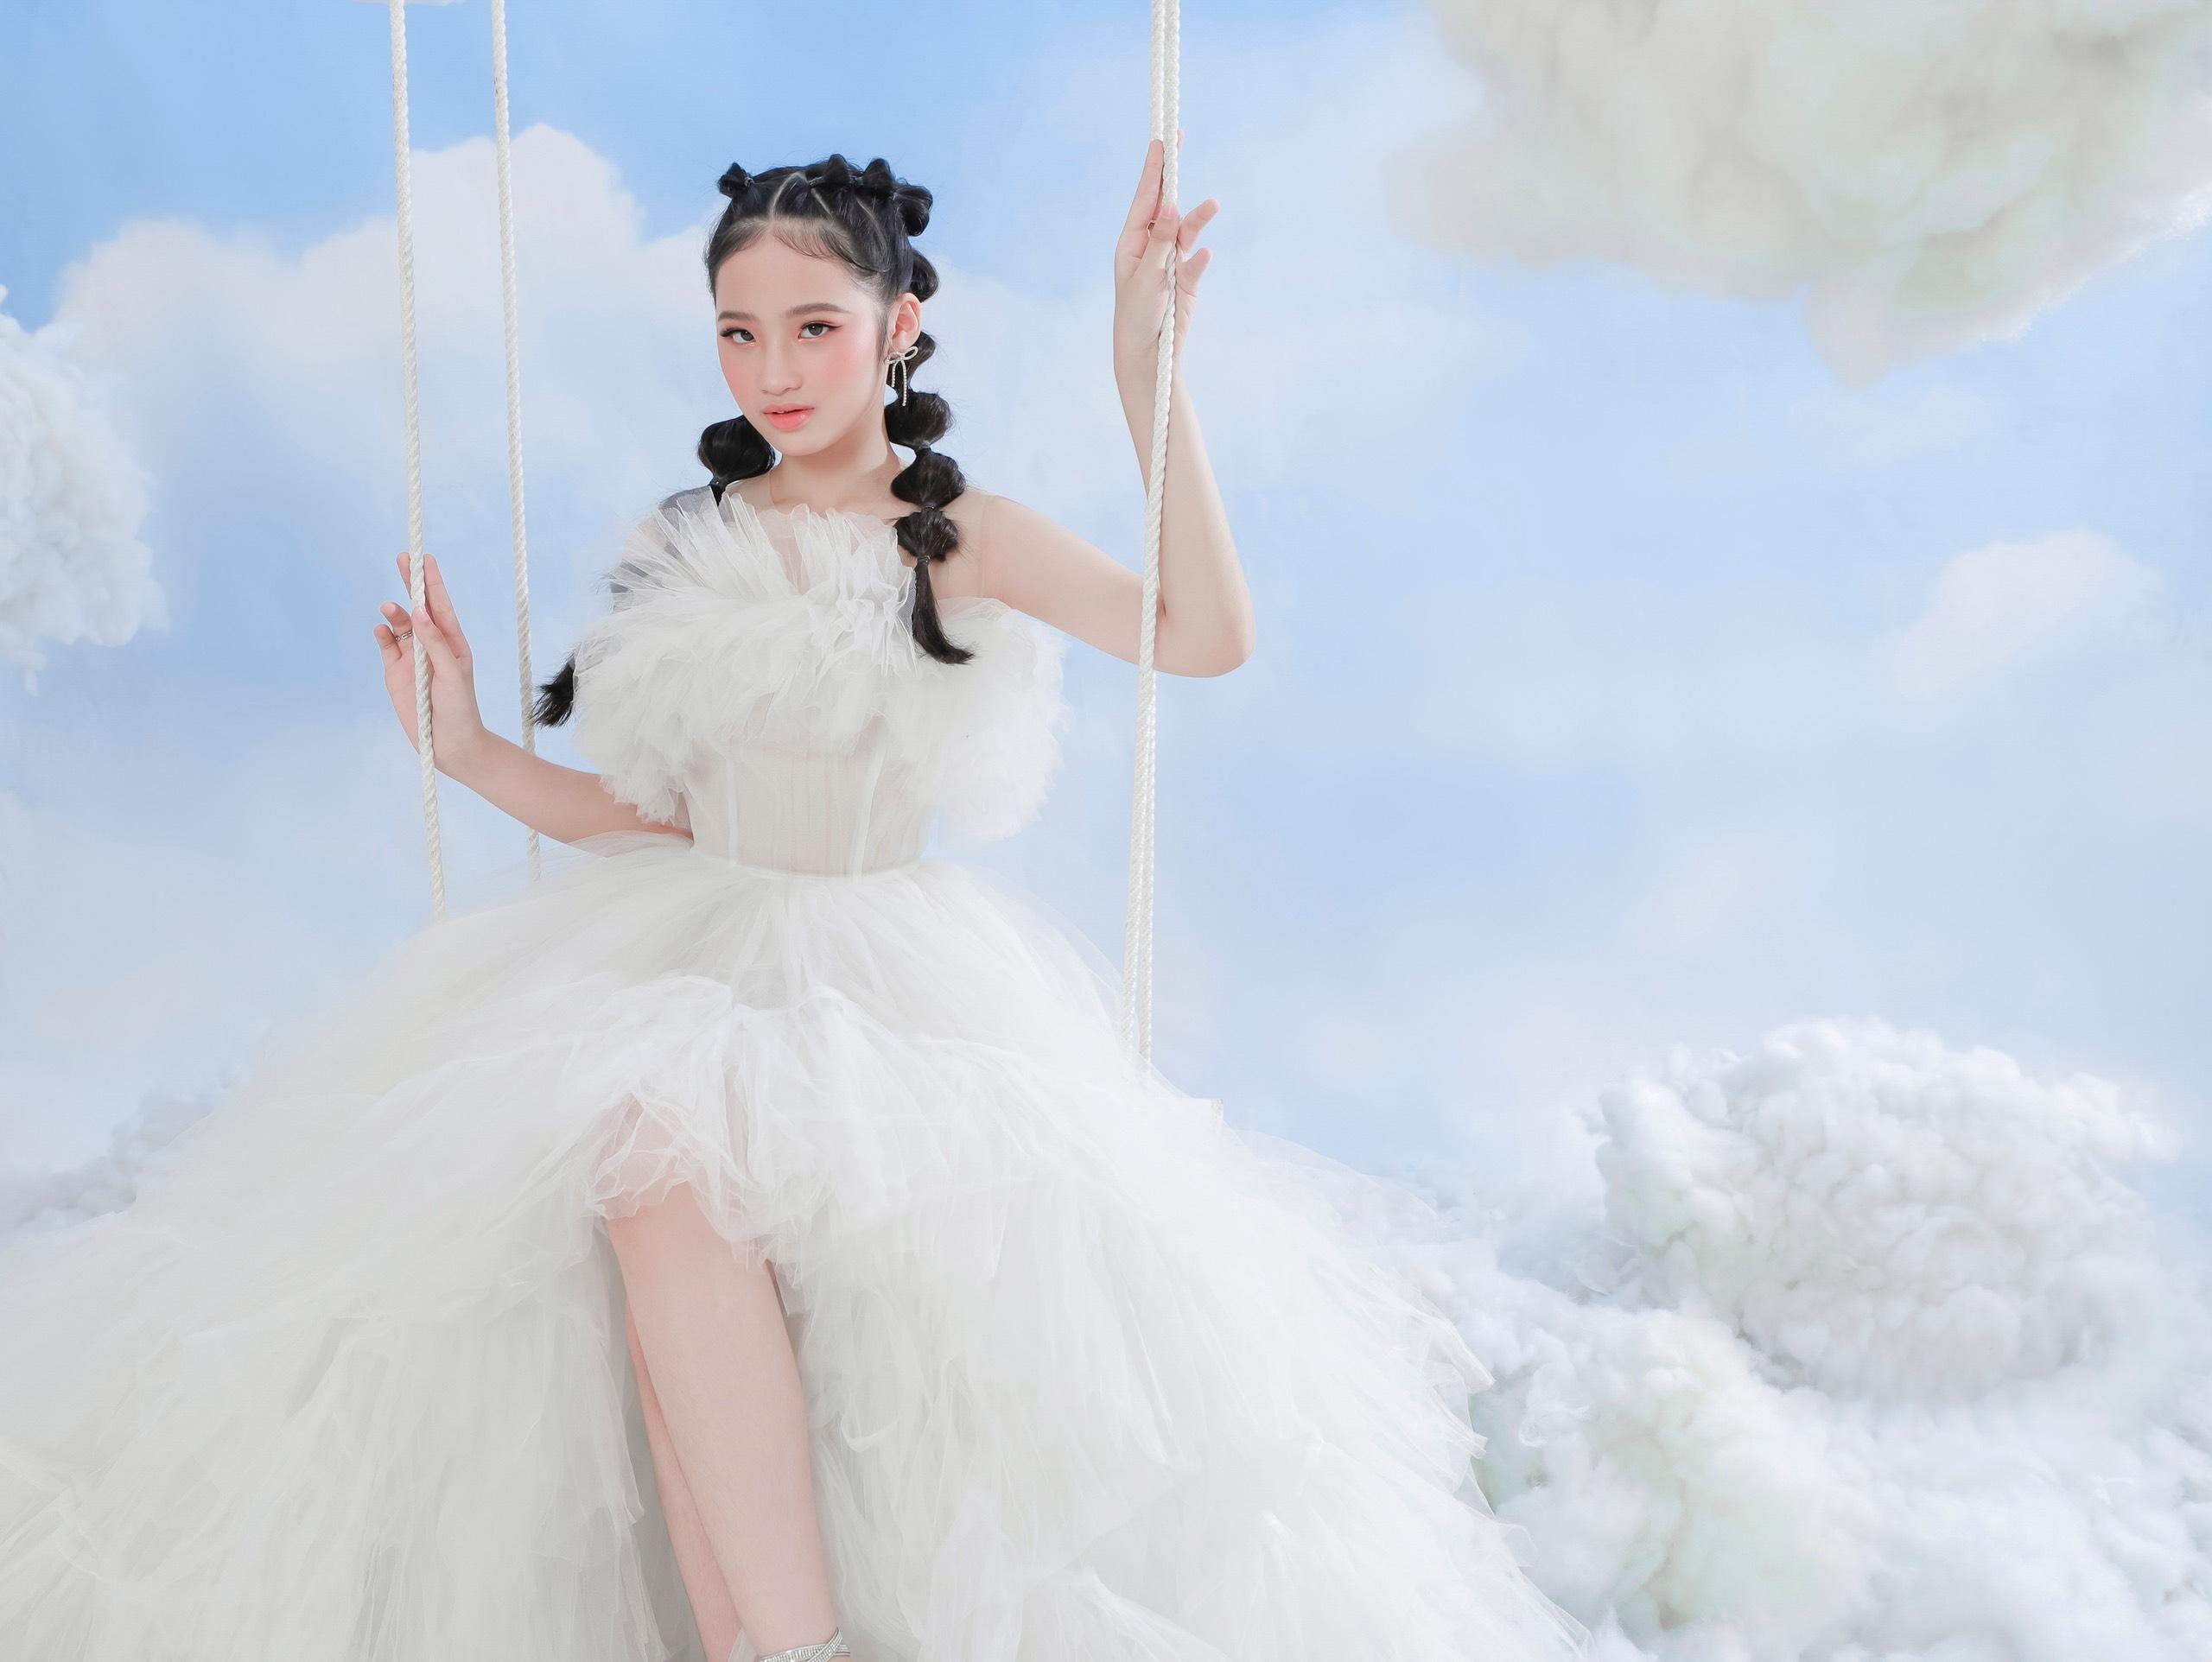 Baoha0 Mẫu nhí Bảo Hà tỏa sáng tinh khôi với bộ ảnh lấy concept mây trắng trong trẻo